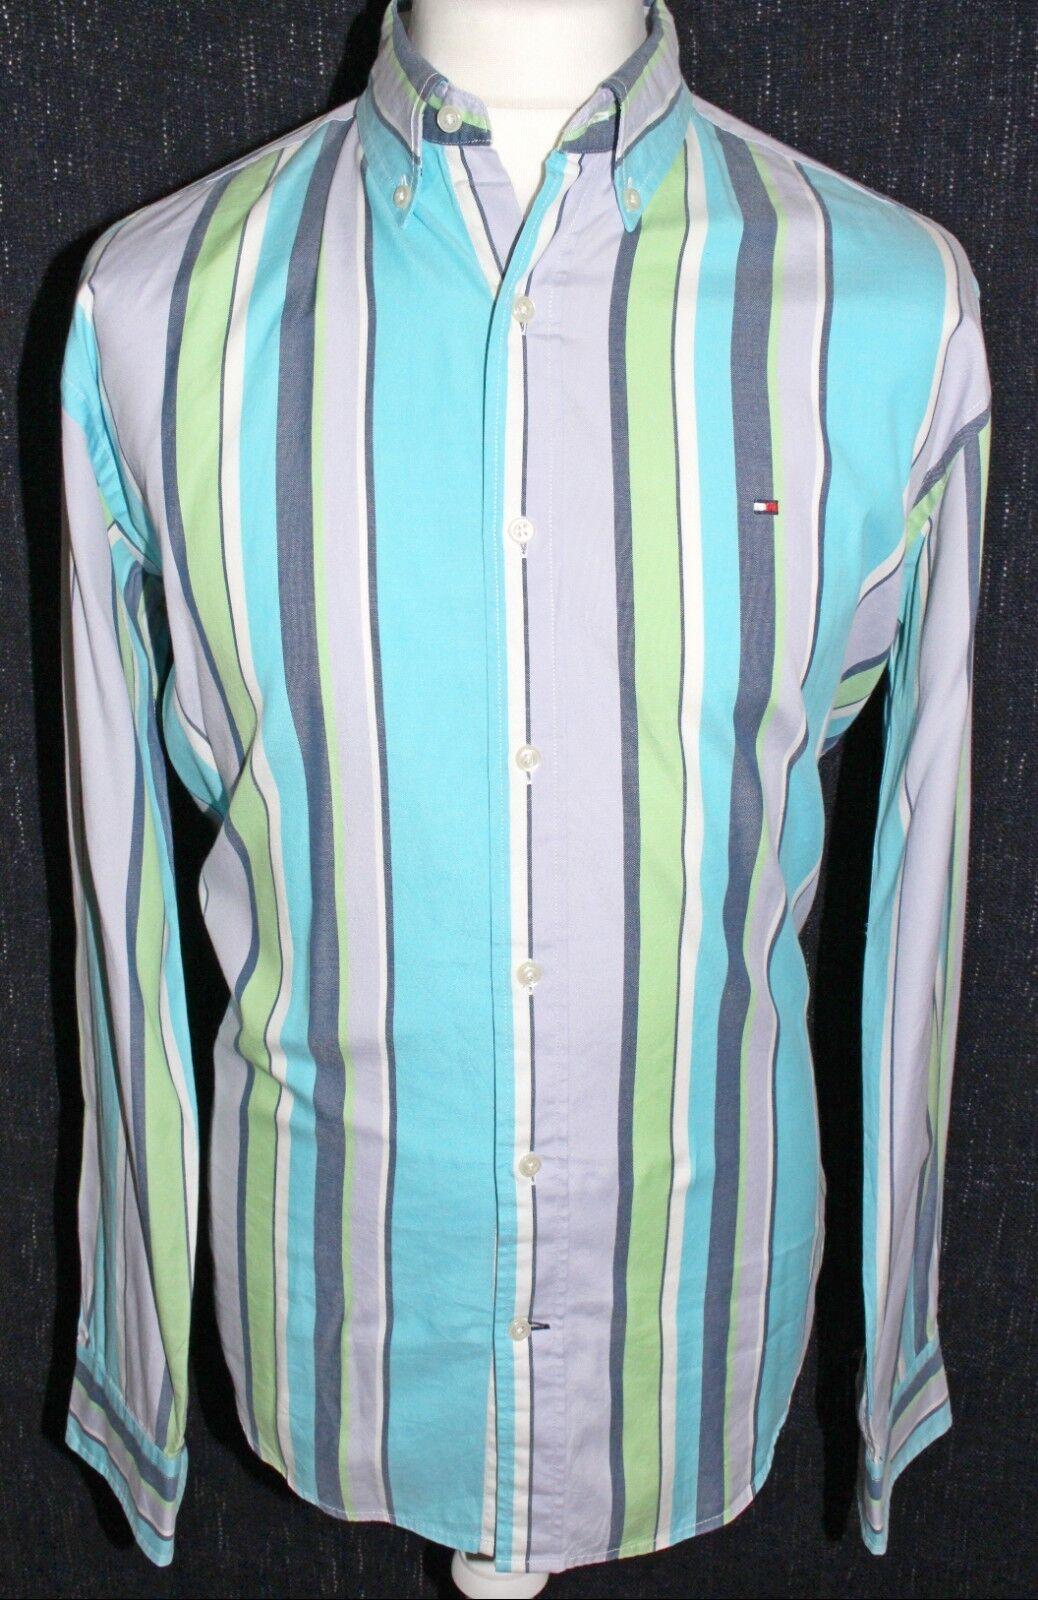 TOMMY HILFIGER Mens 80's 80's 80's Two Ply Cotton Mutli Colourot Striped Shirt Größe Large | Ausgezeichneter Wert  | Qualität und Quantität garantiert  1749e7